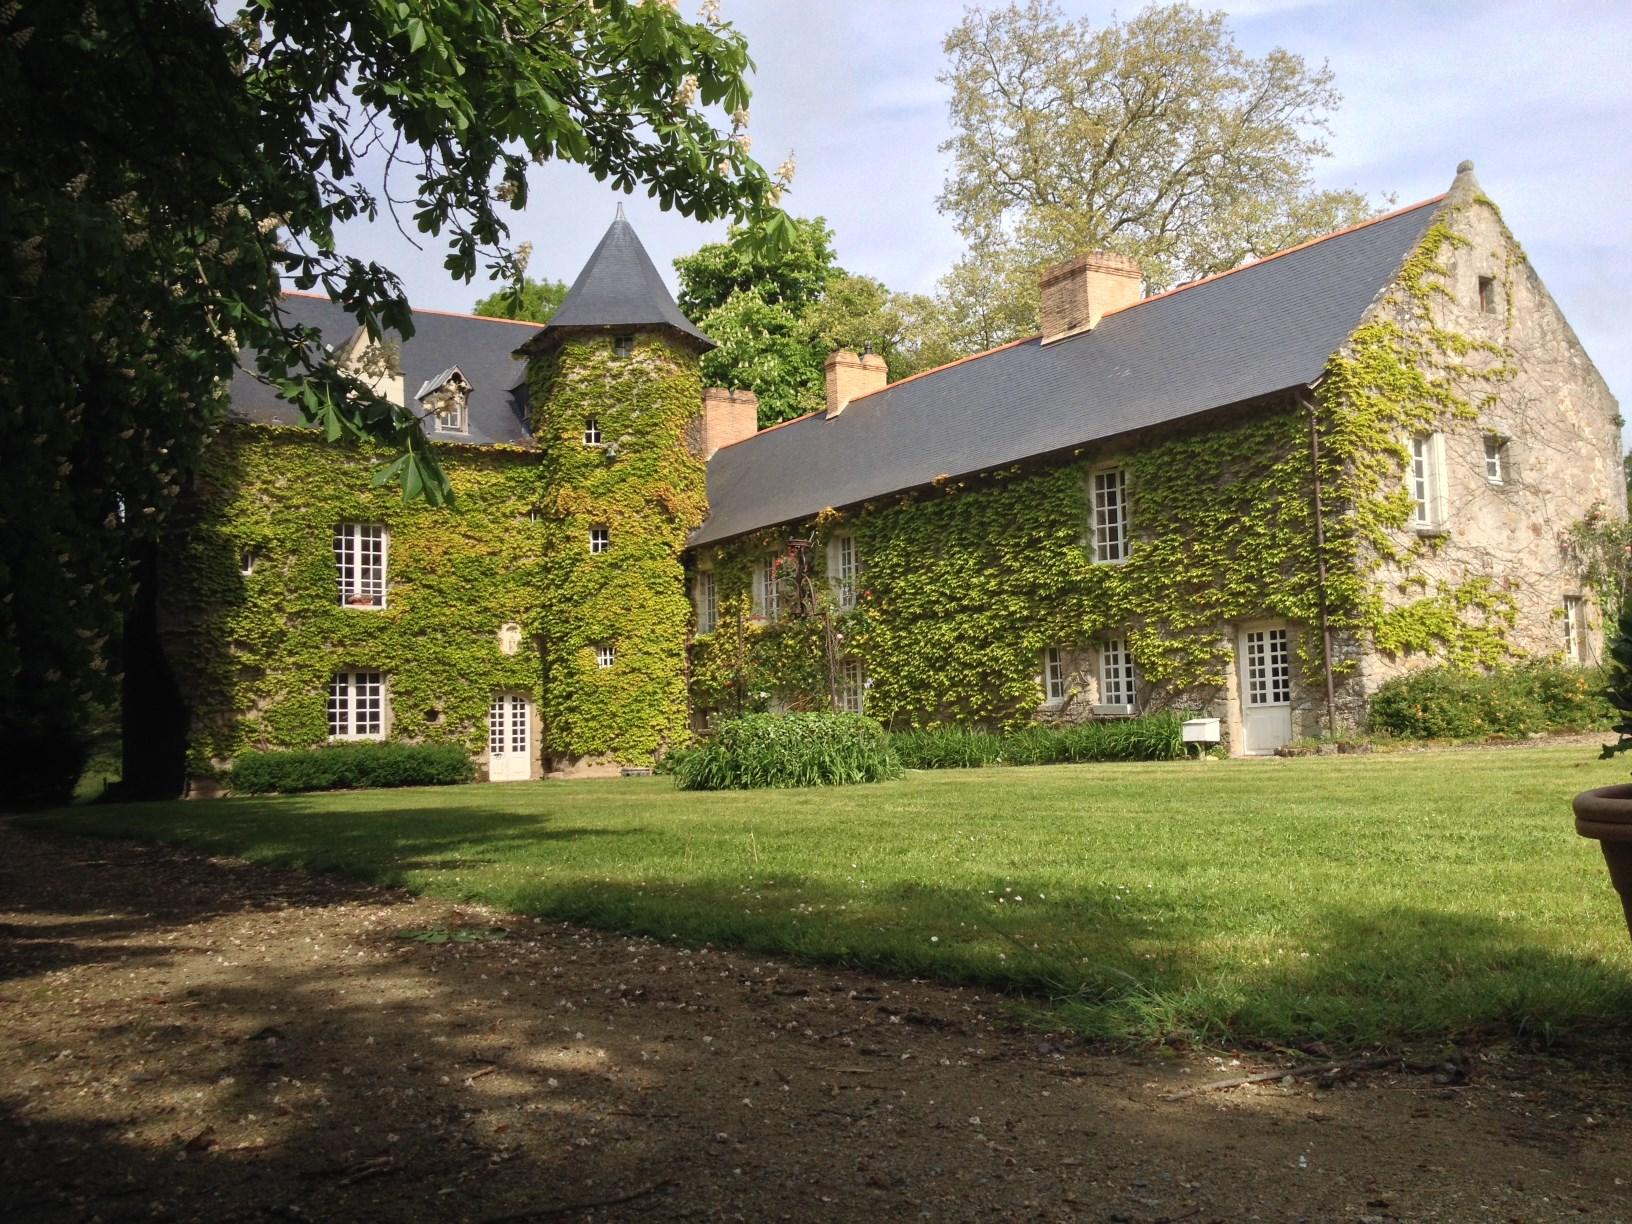 Single Family Home for Sale at ELEGANT MANOIR DU XVème SIECLE CHARGE D'HISTOIRE ,AU CALME, SUR UN PARC DE 4ha Other Pays De La Loire, Pays De La Loire 44800 France